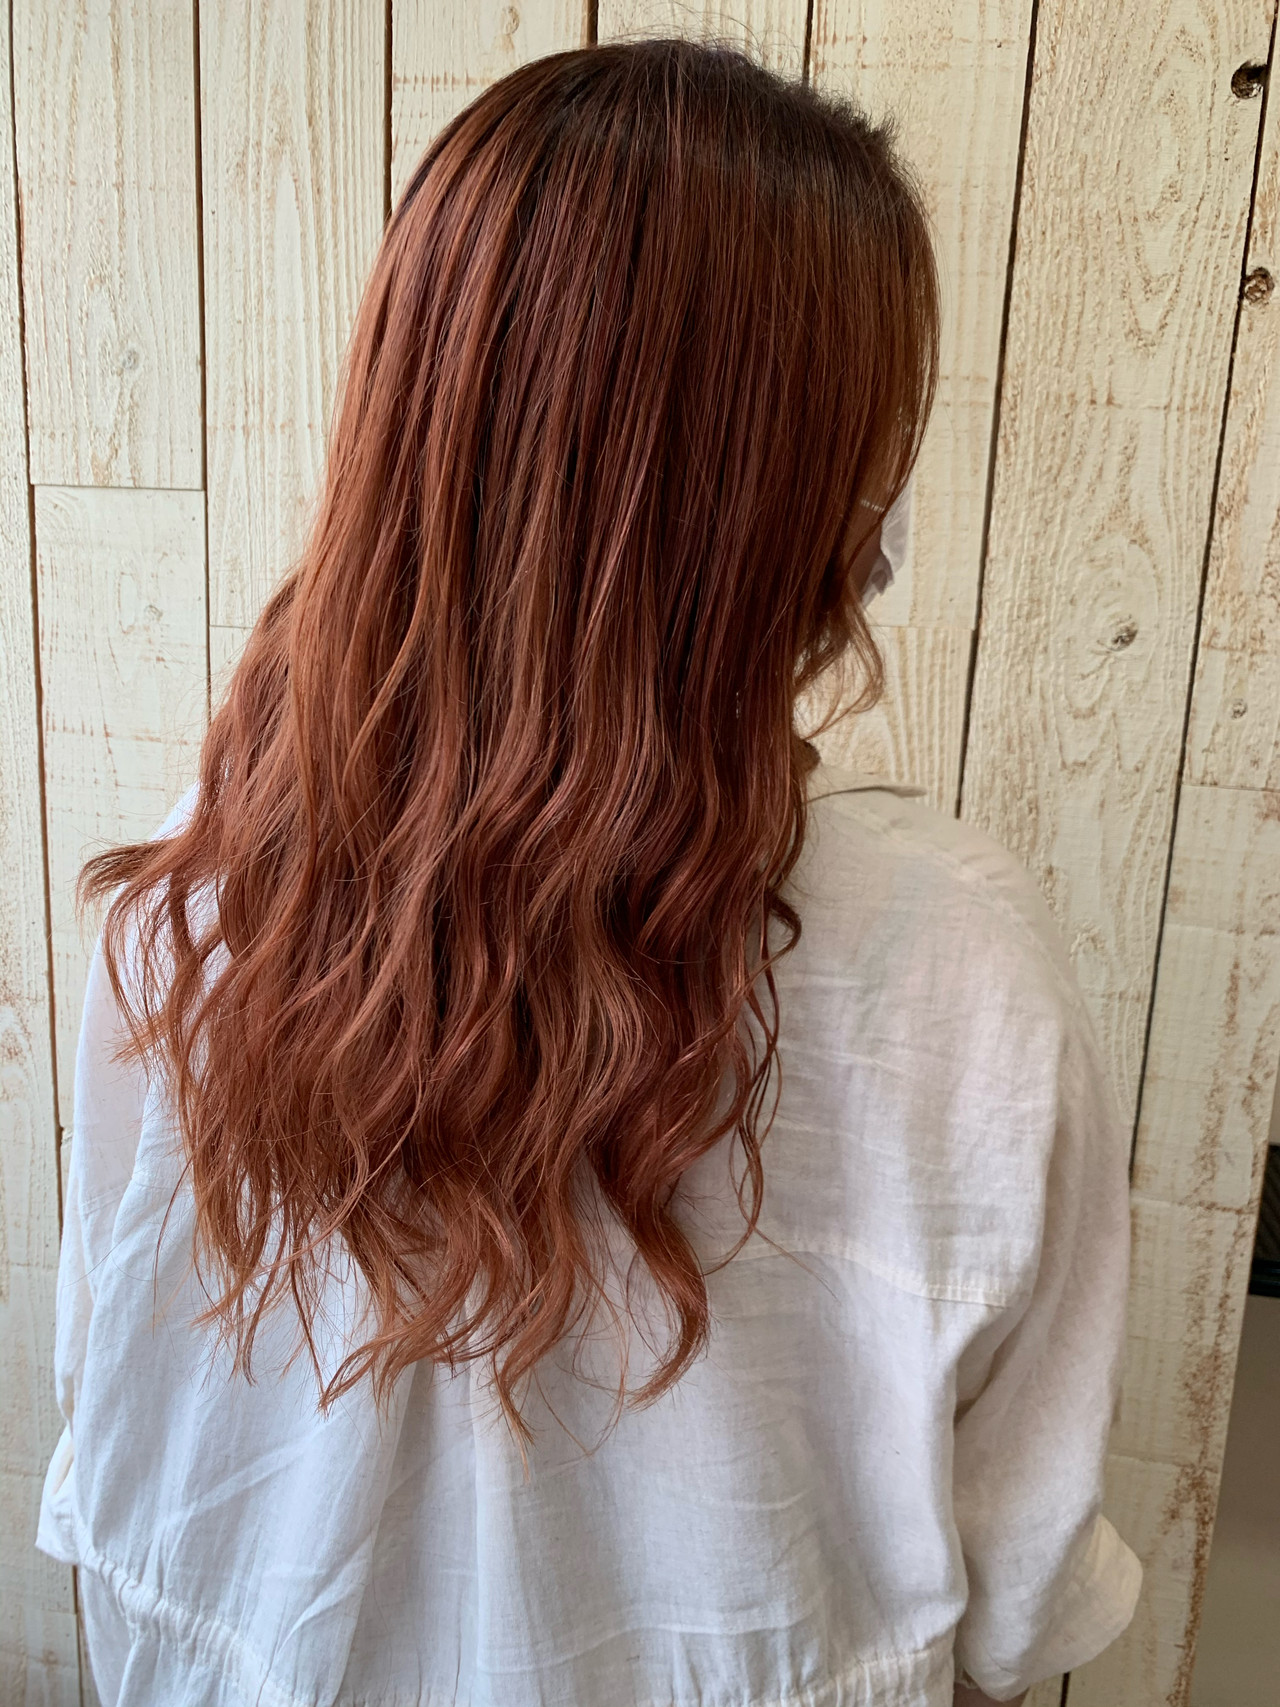 透明感カラー ダブルカラー オレンジベージュ ロング ヘアスタイルや髪型の写真・画像